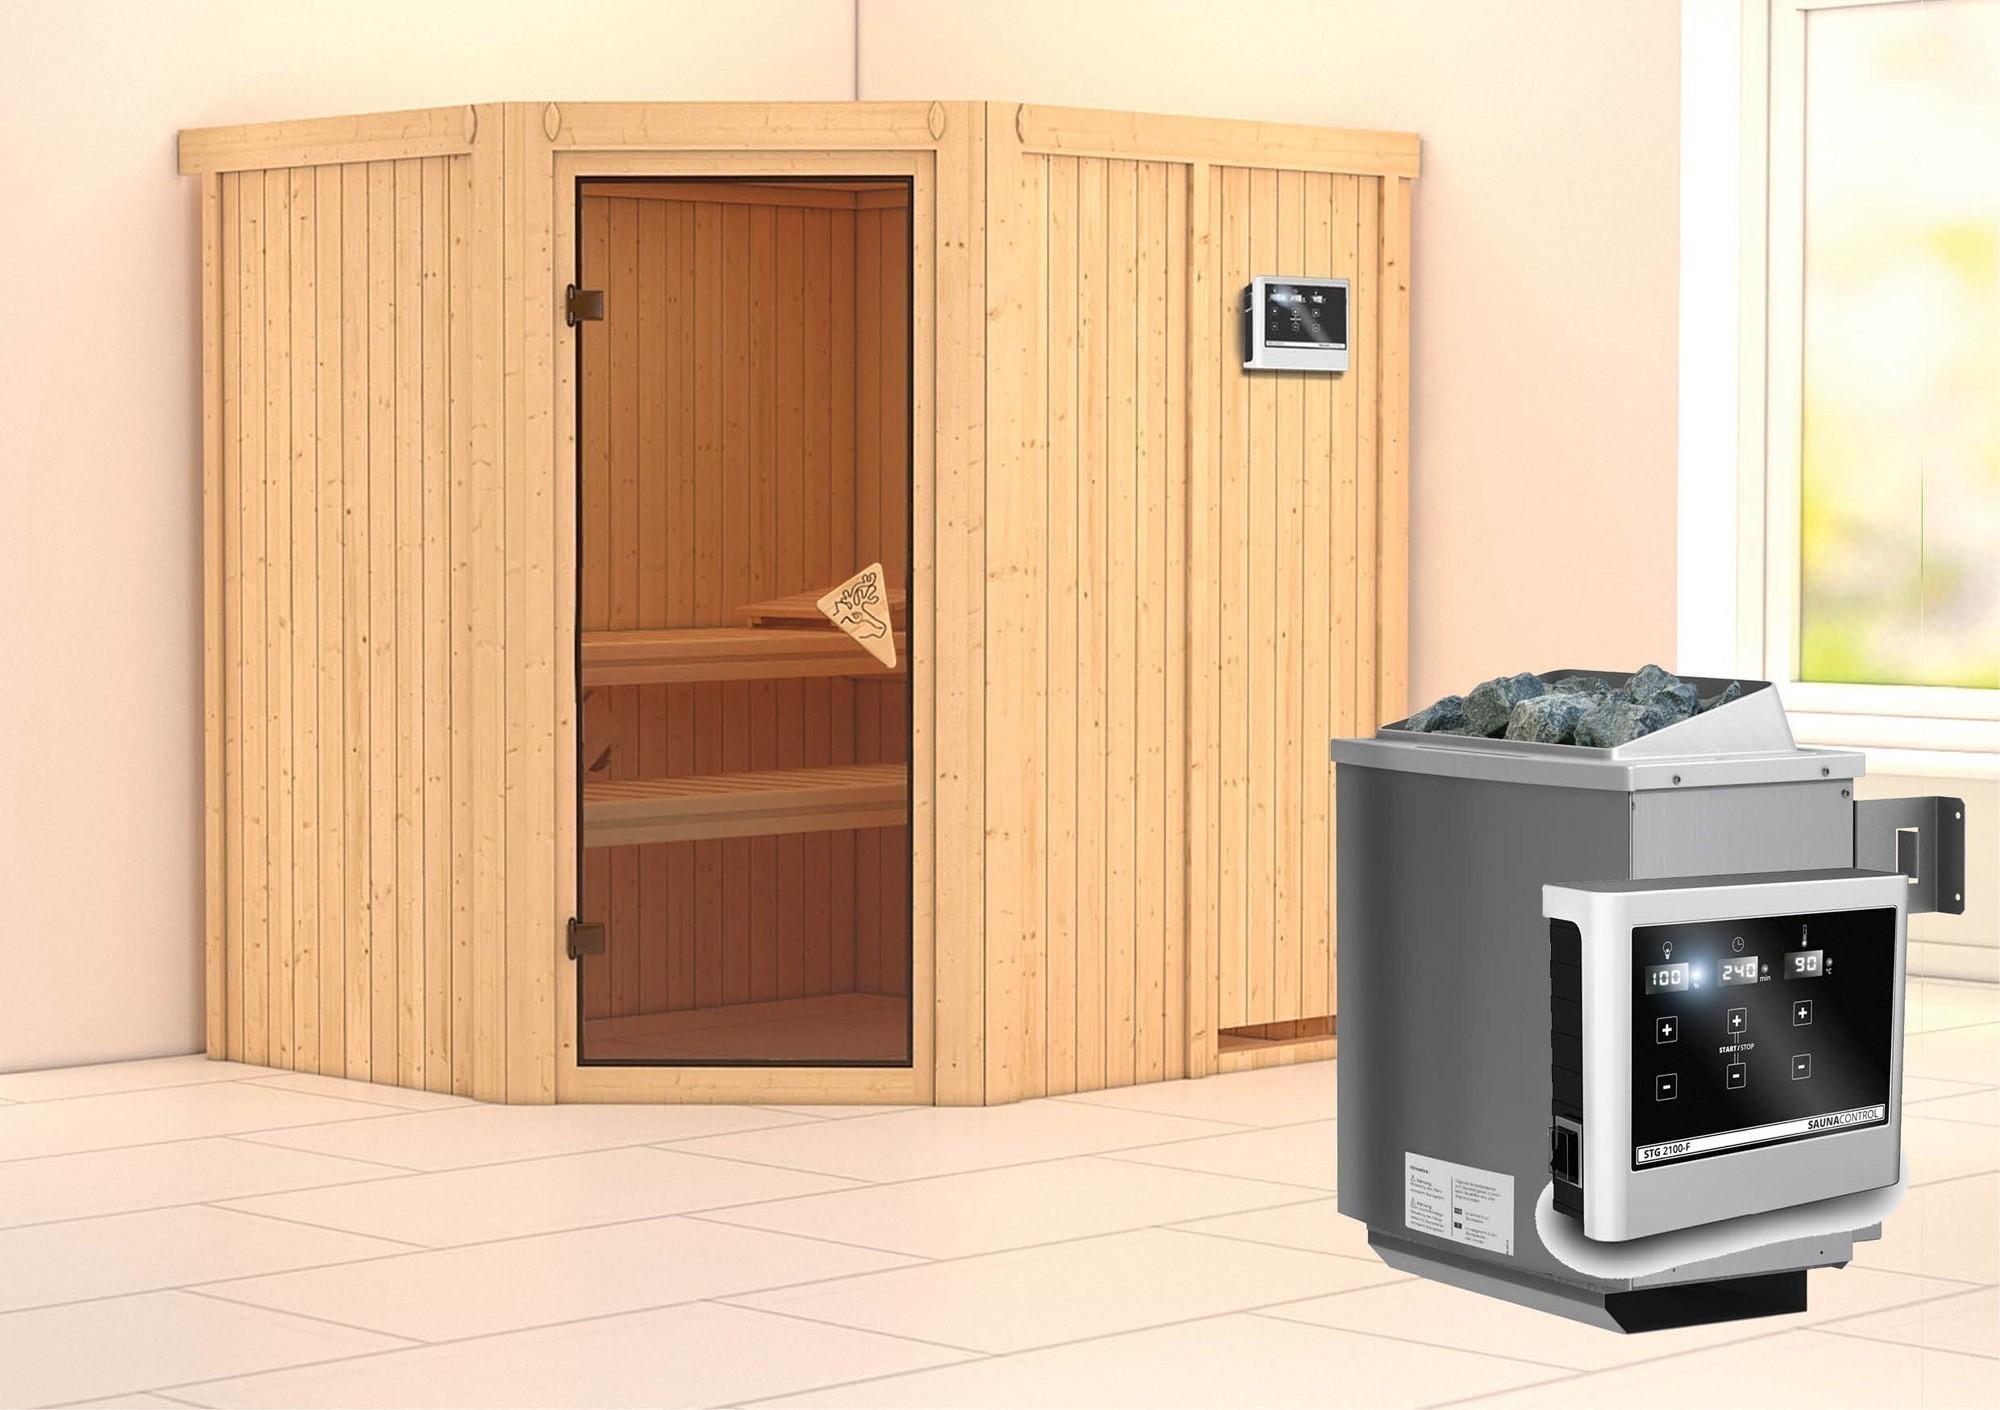 karibu sauna siirin 68mm mit ofen 9kw extern classic t r bild 1. Black Bedroom Furniture Sets. Home Design Ideas